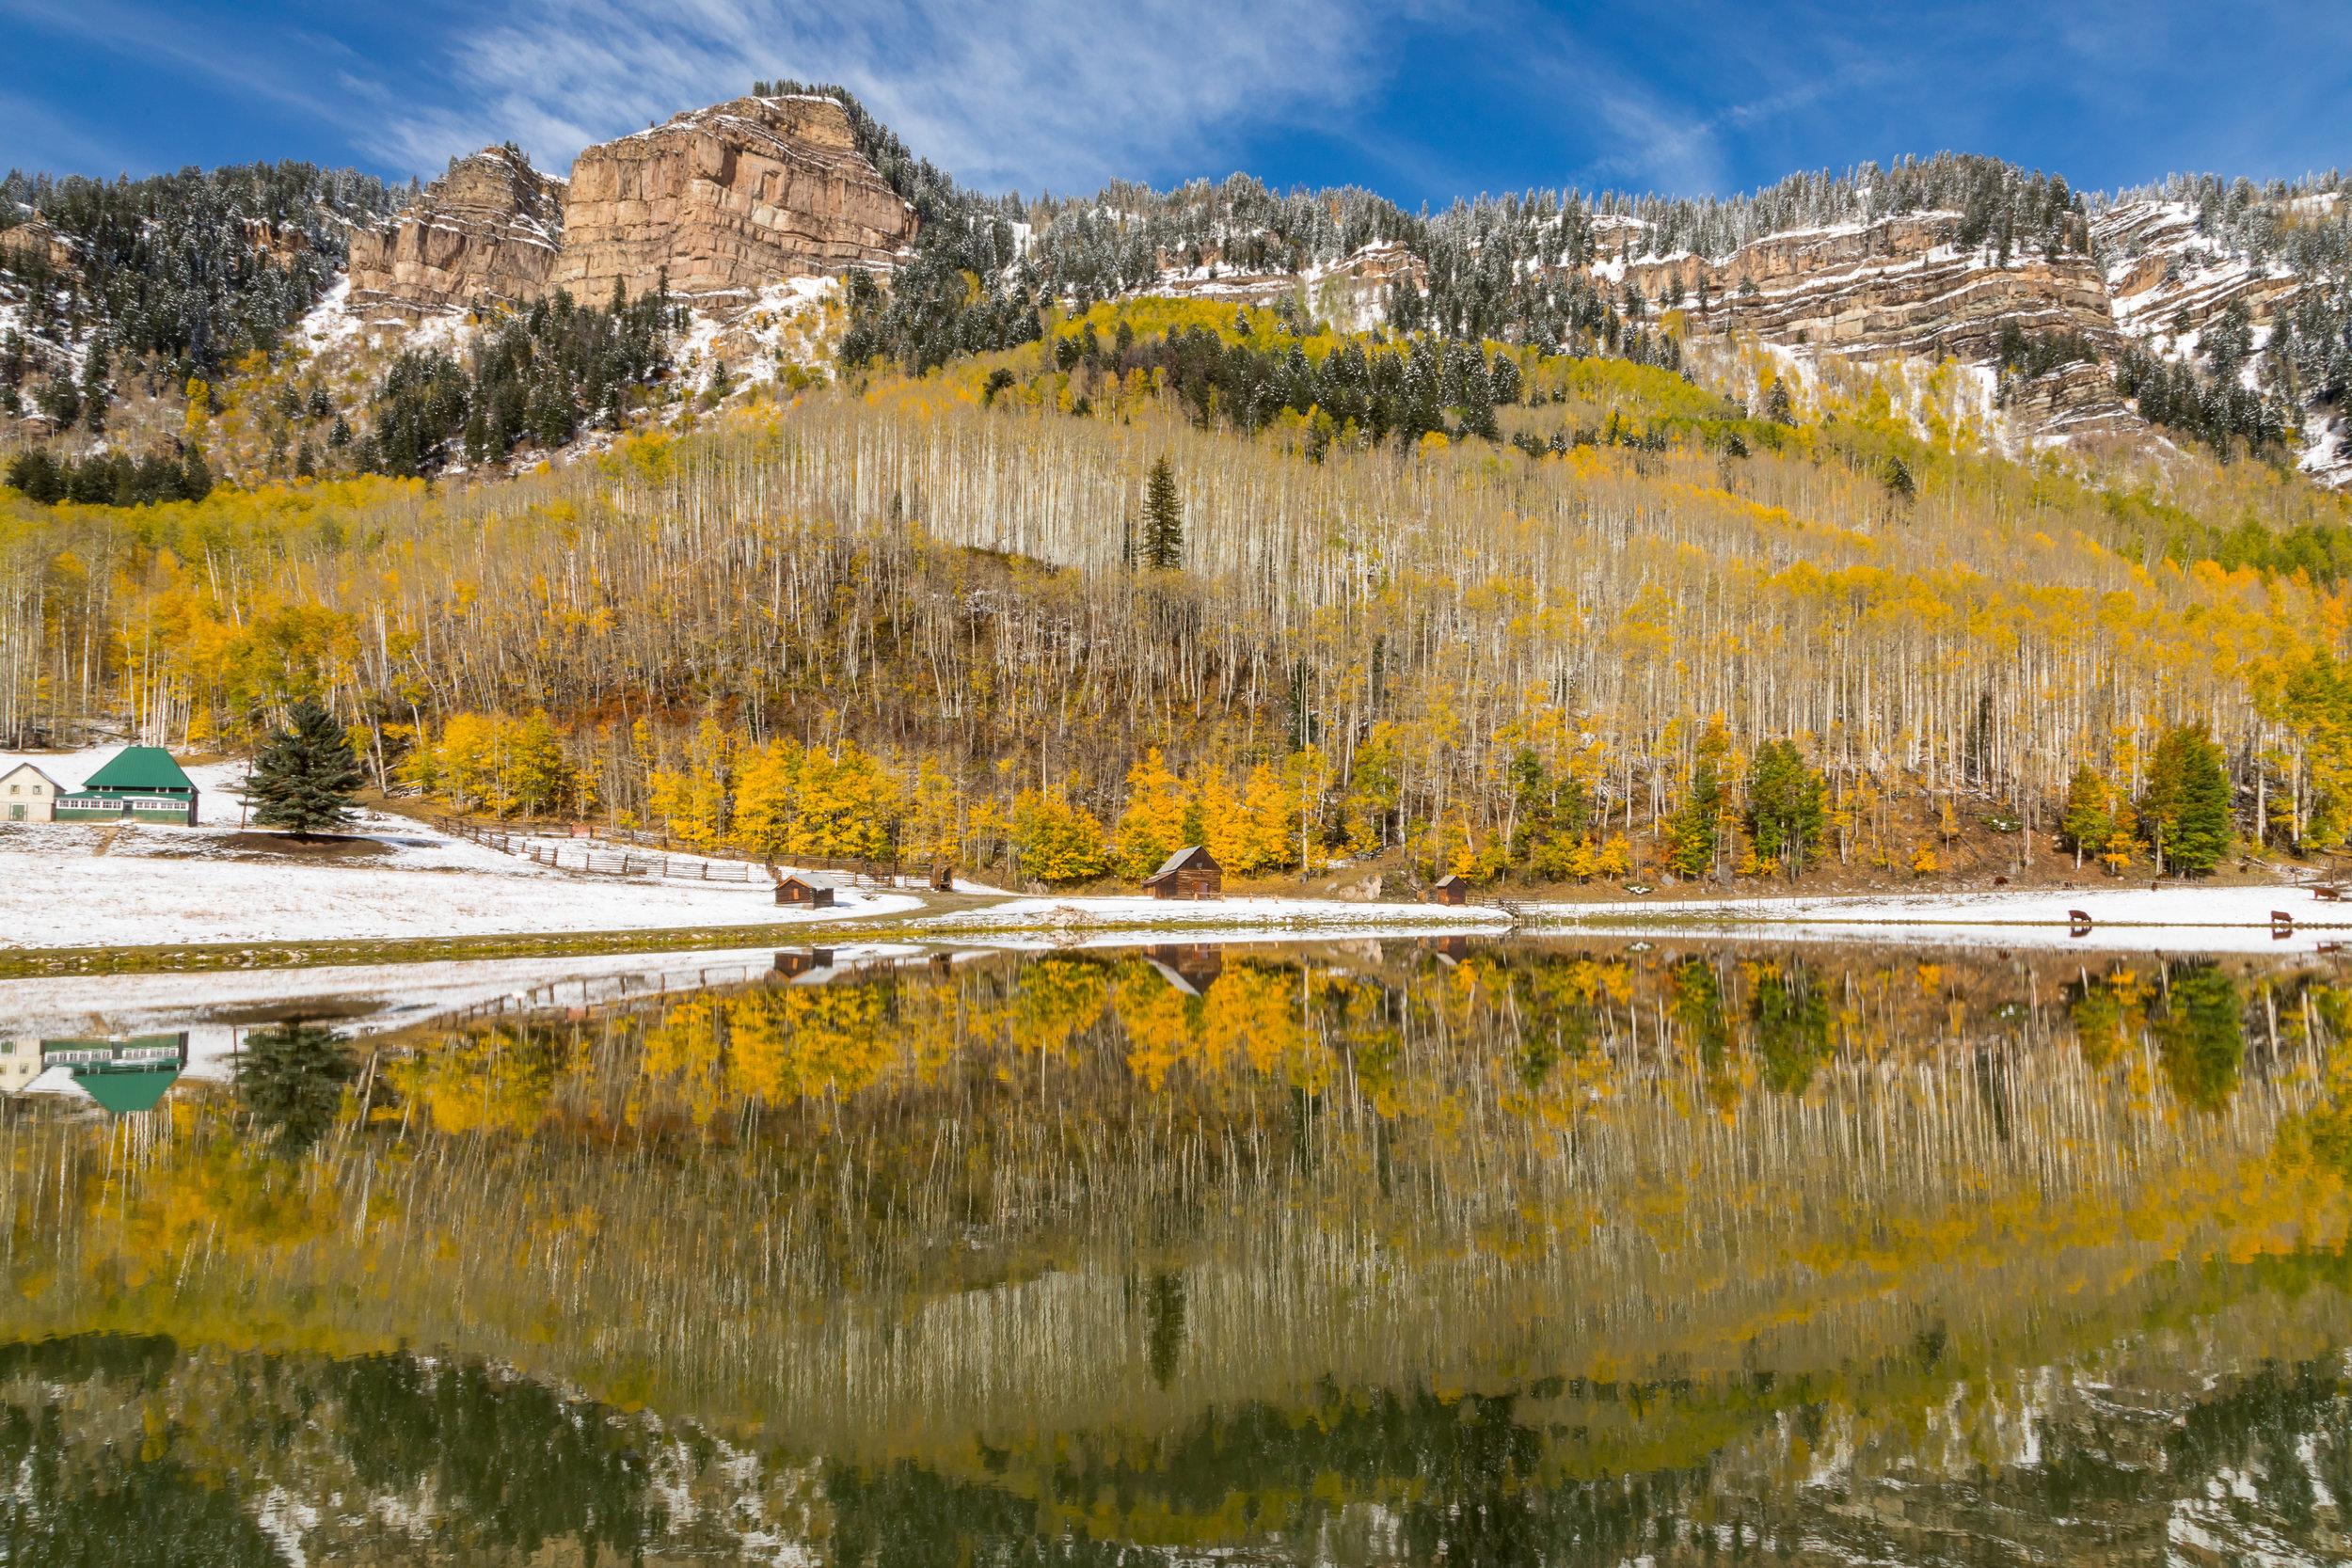 Hotter Pond, Image # 9847